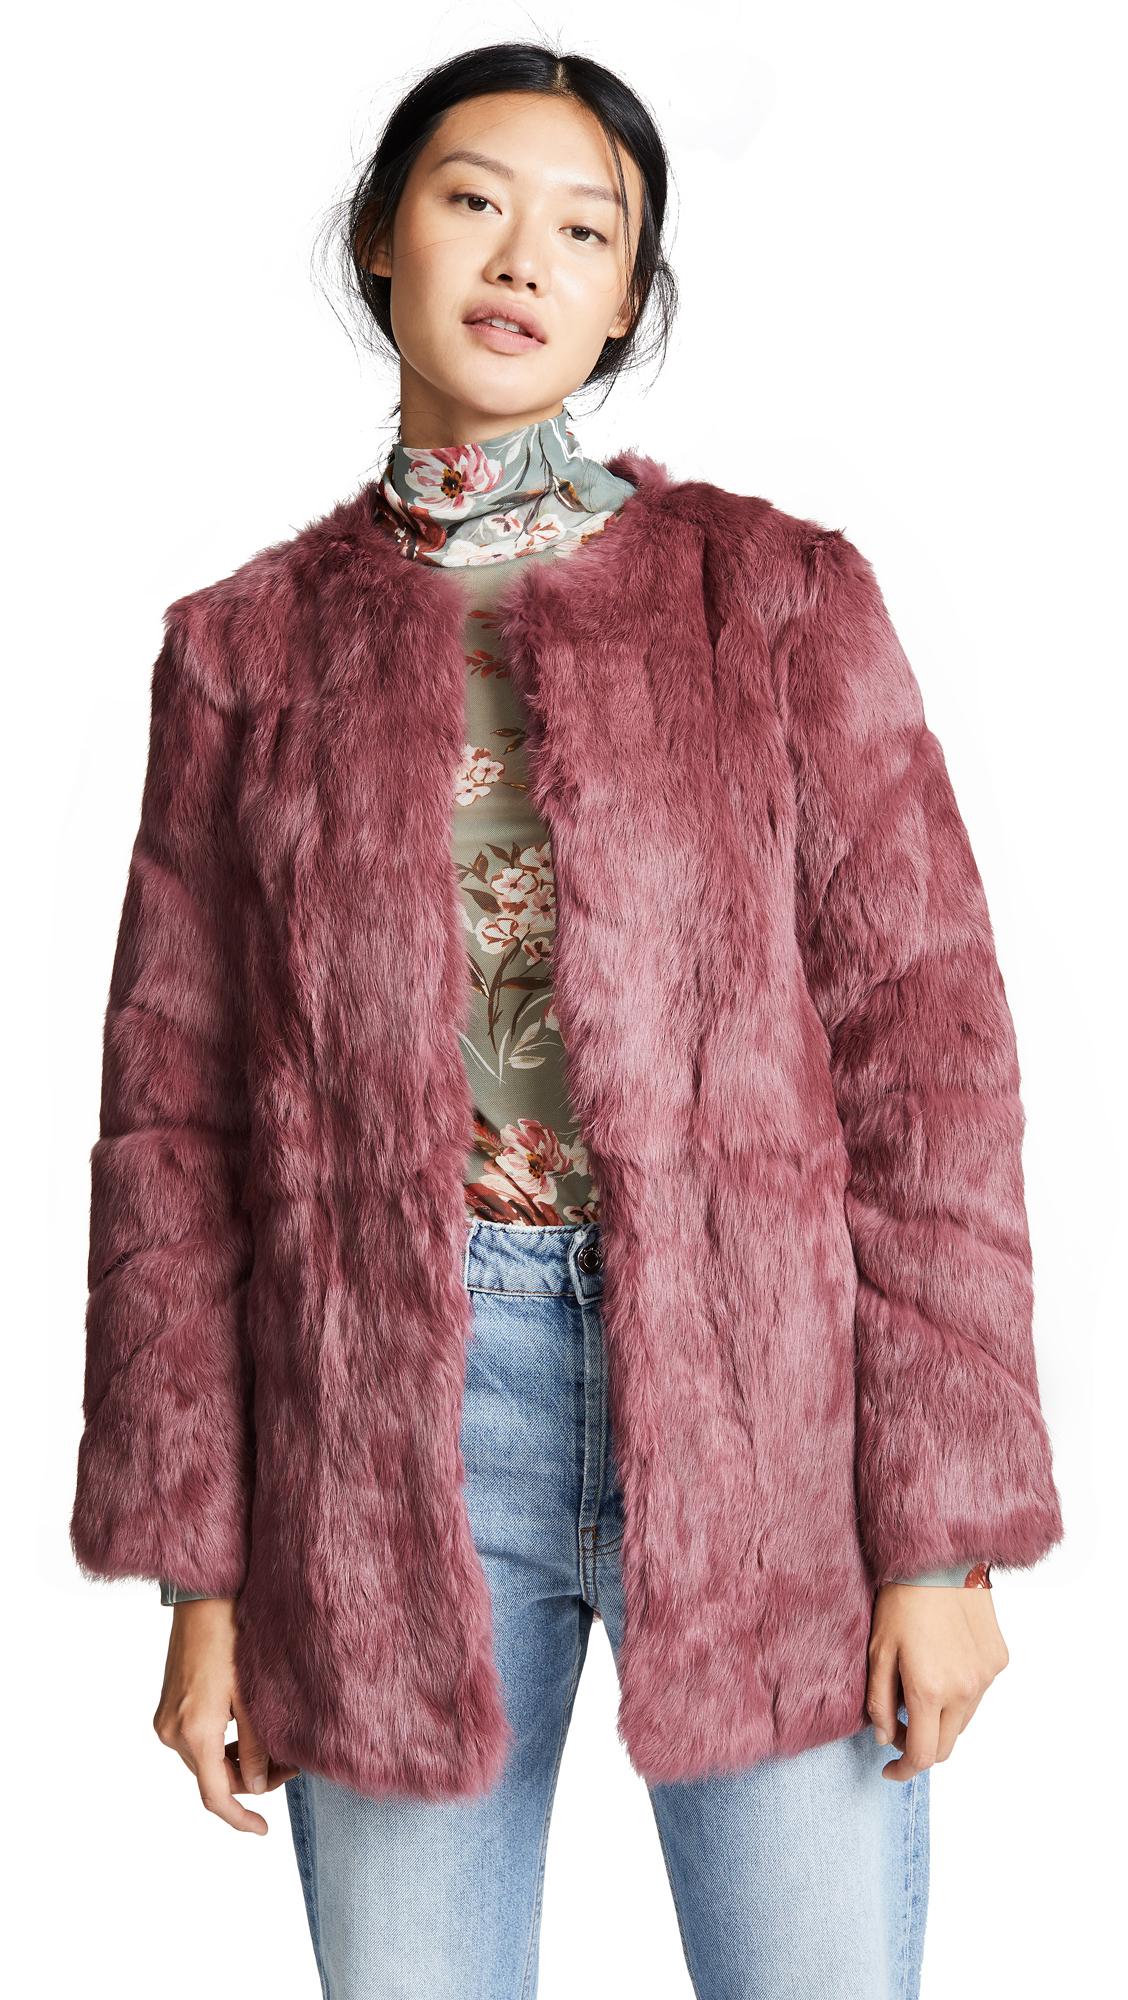 H BRAND Alyssa Rabbit Fur Coat in Berry